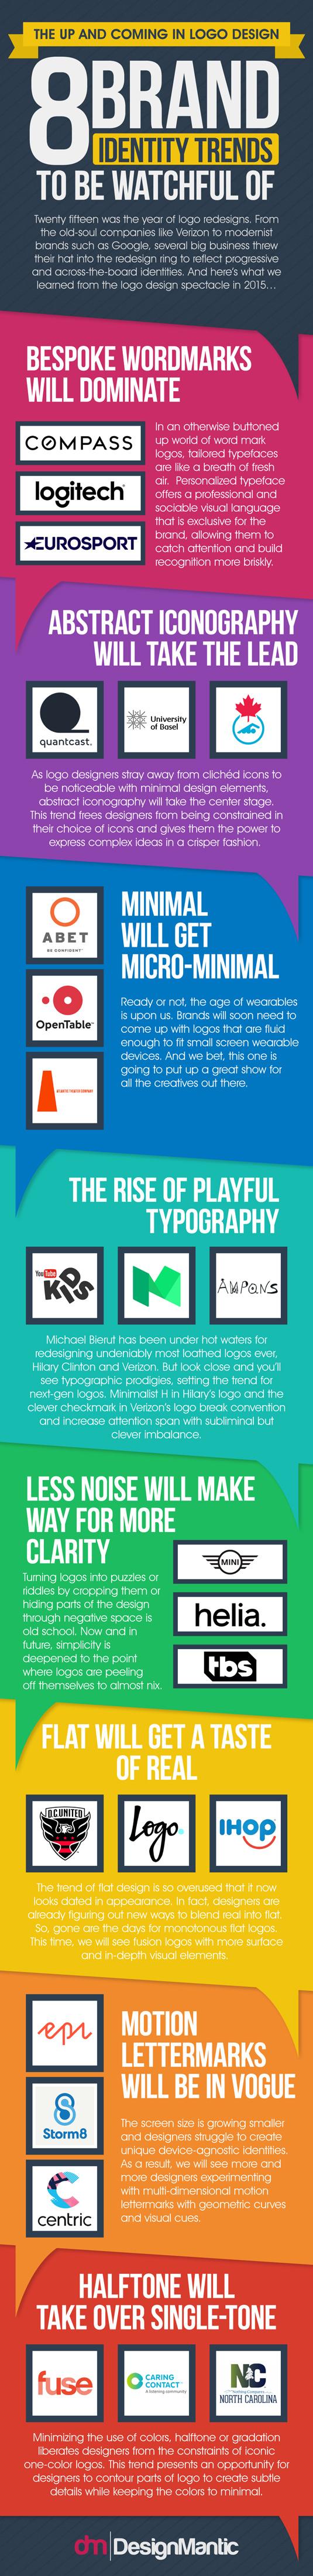 Branding identity infographic